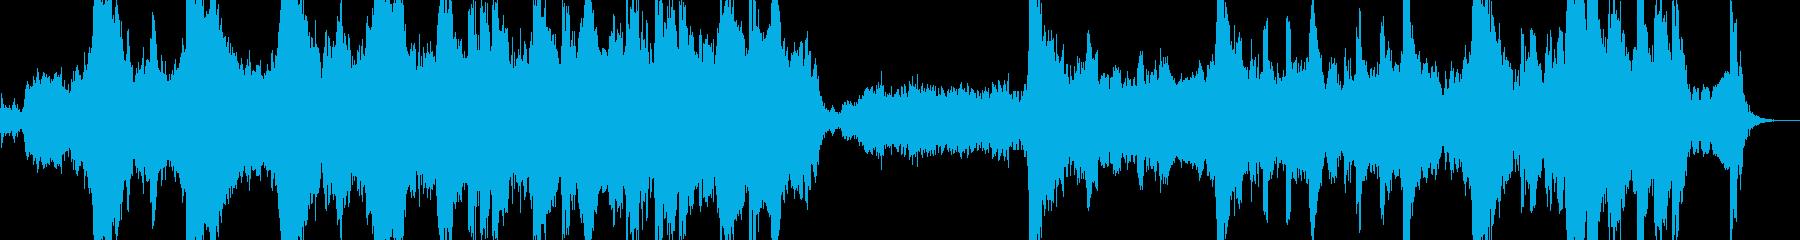 壮大で爽やかな曲調のエピックオーケストラの再生済みの波形